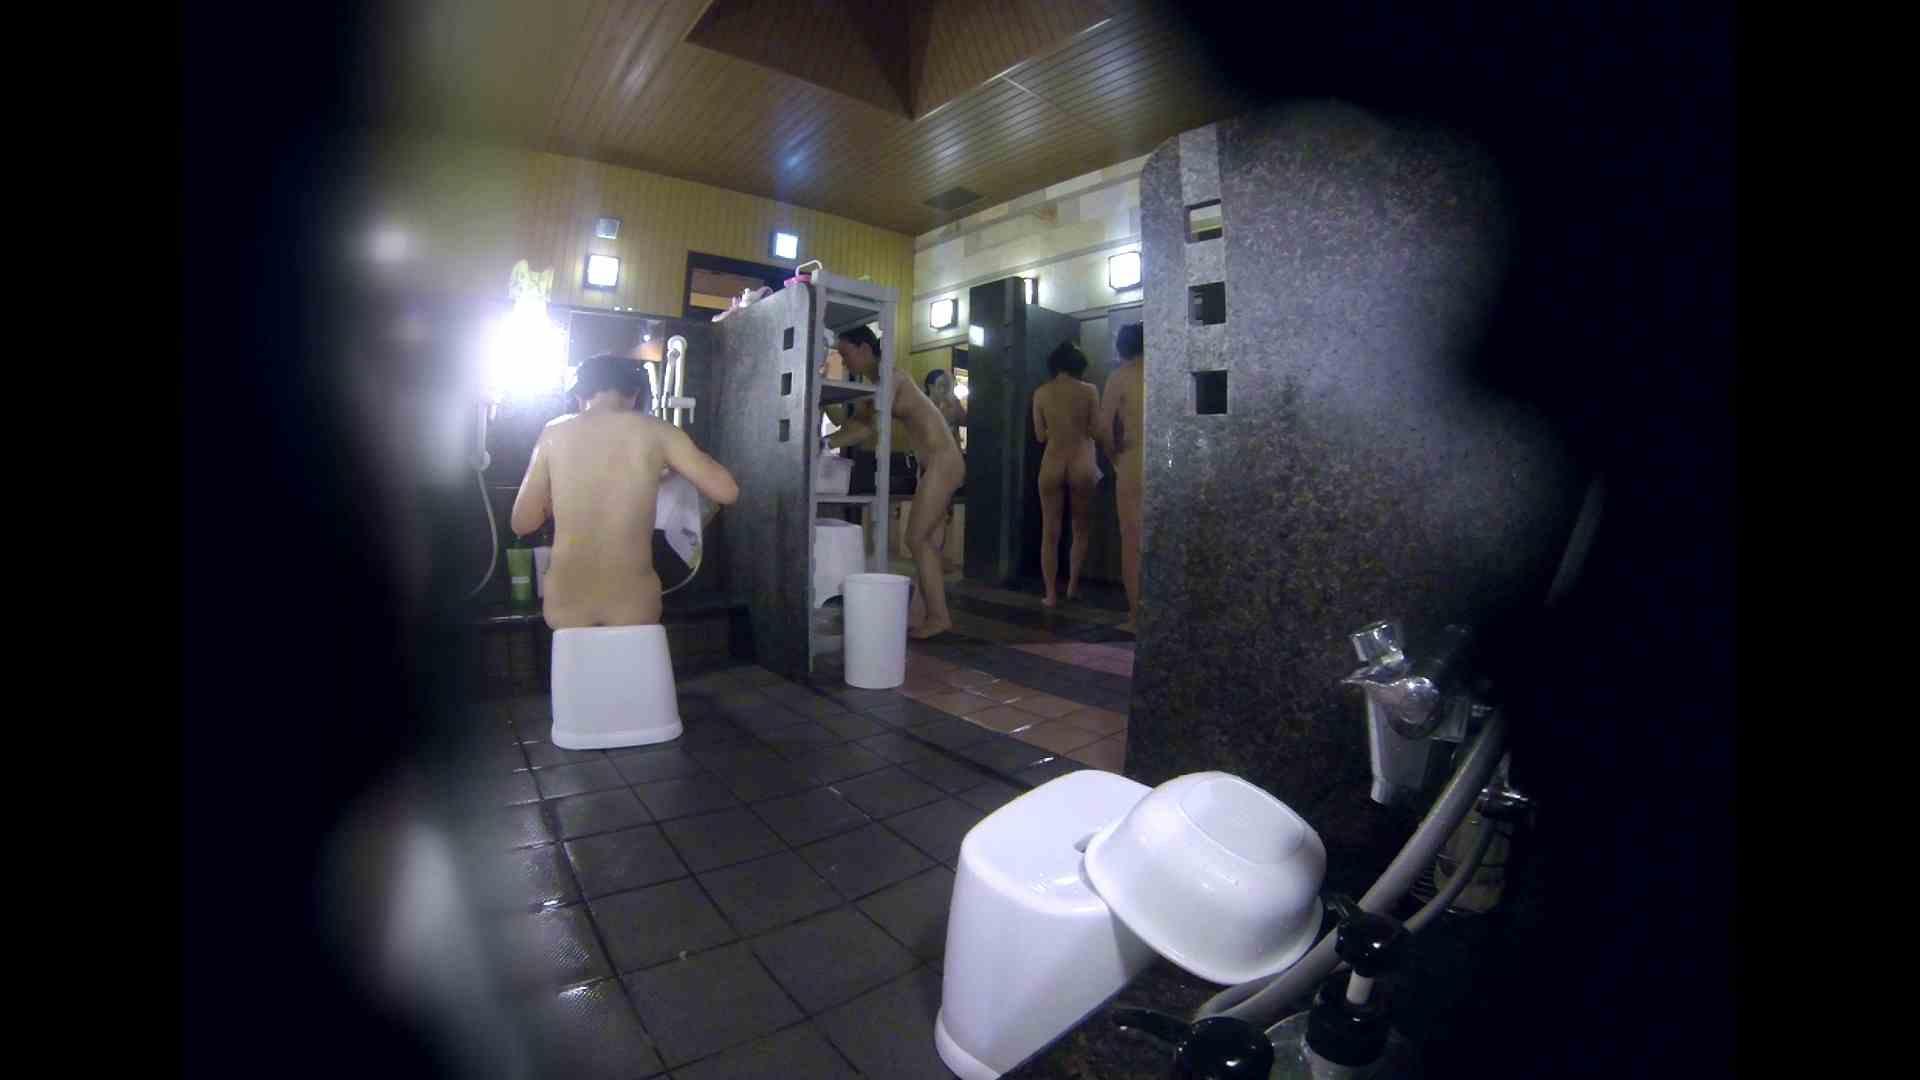 洗い場!可愛い?ブサイク?確かなのは貧乳であること 貧乳 濡れ場動画紹介 61画像 16